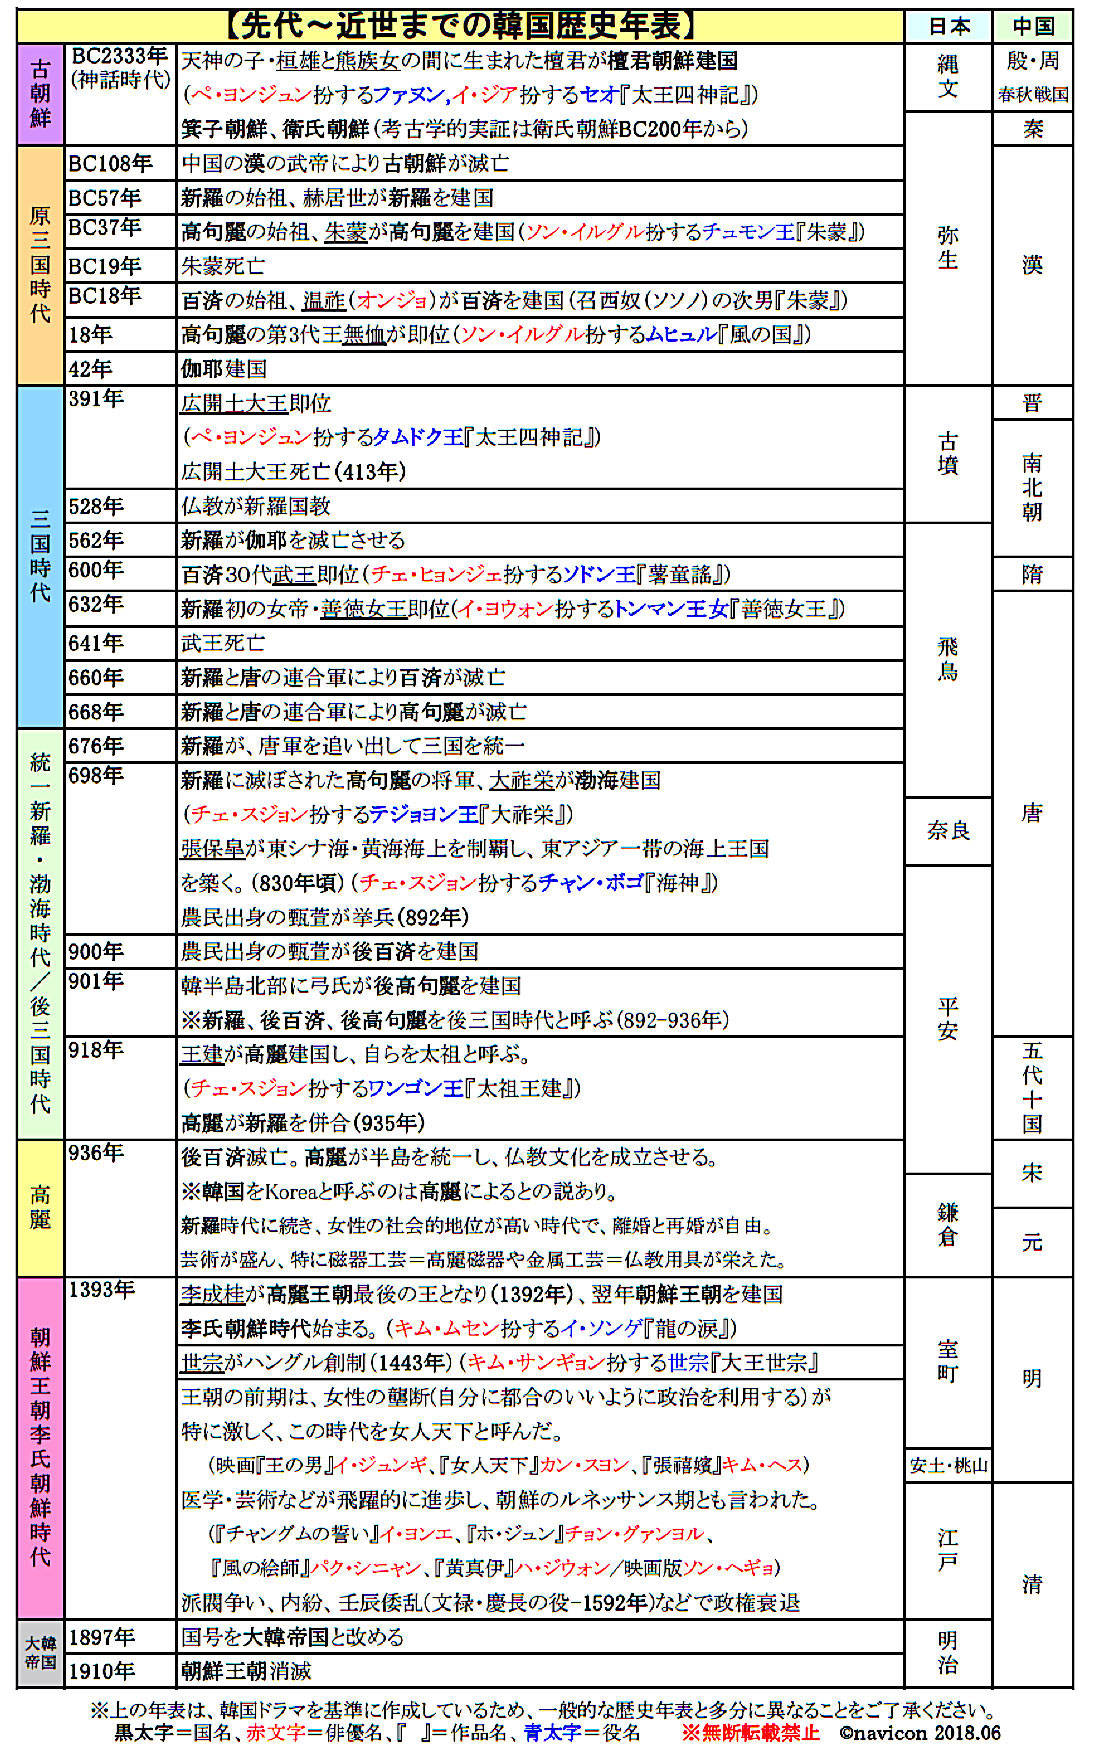 史 表 日本 年